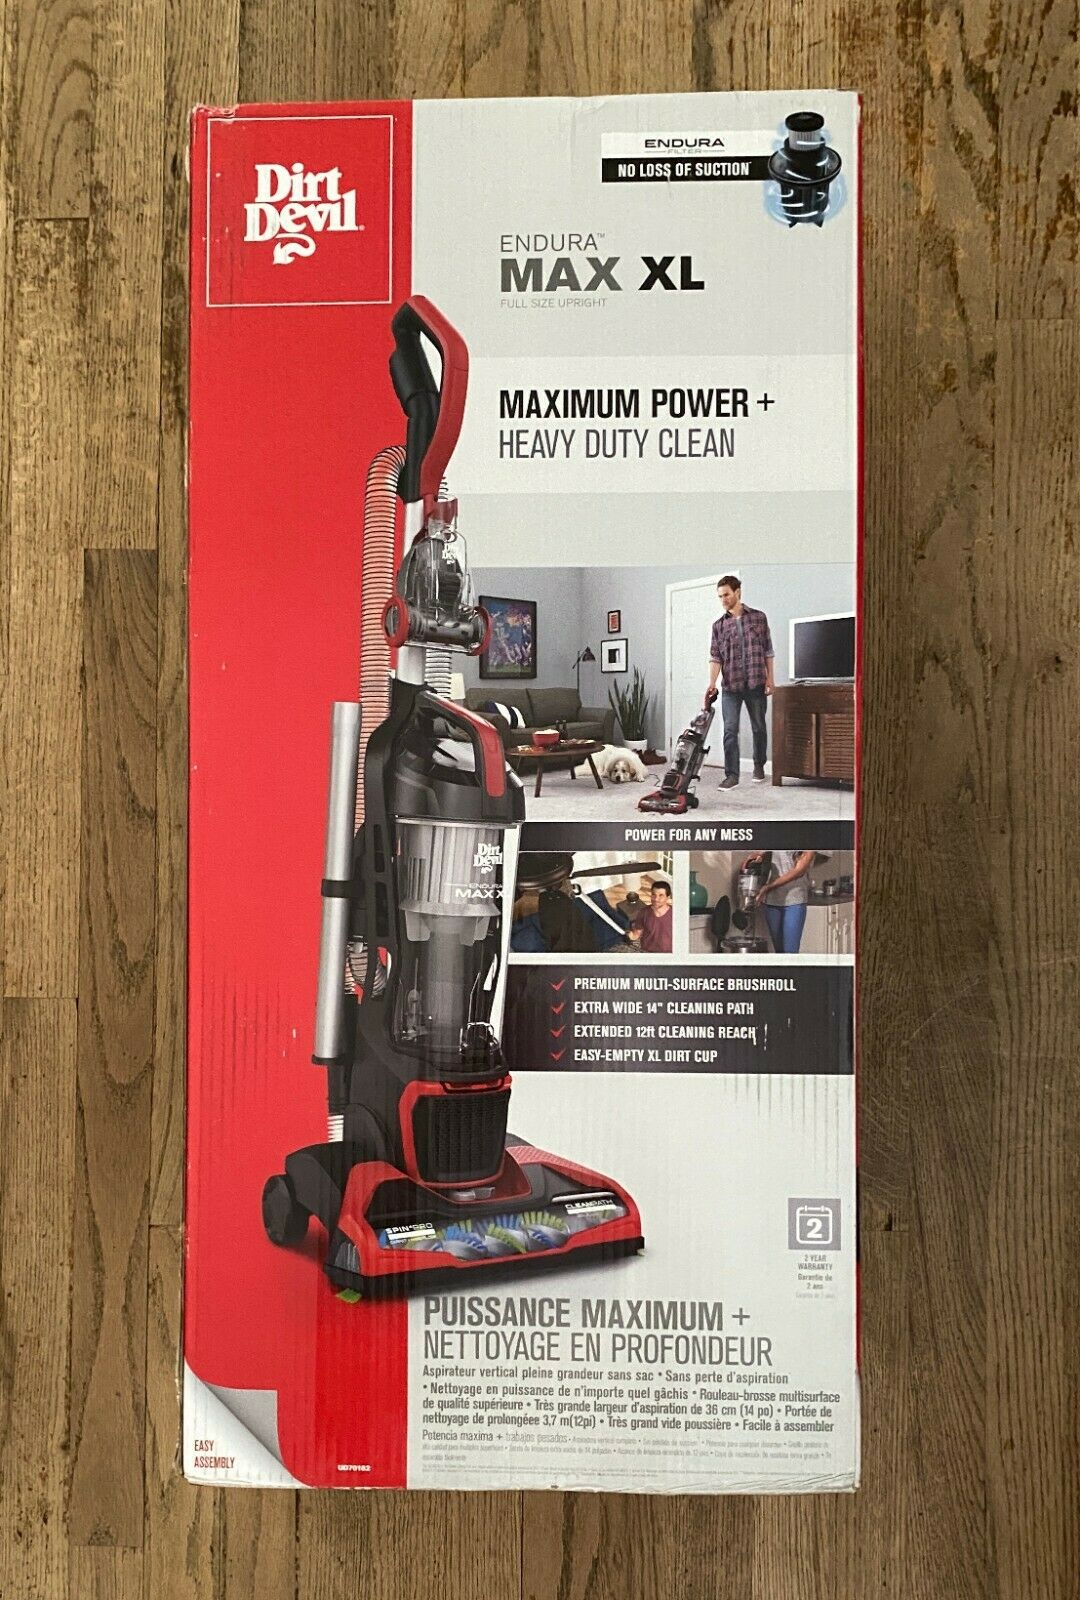 Dirt Devil Endura Max XL Bagless Upright Vacuum Cleaner, wit